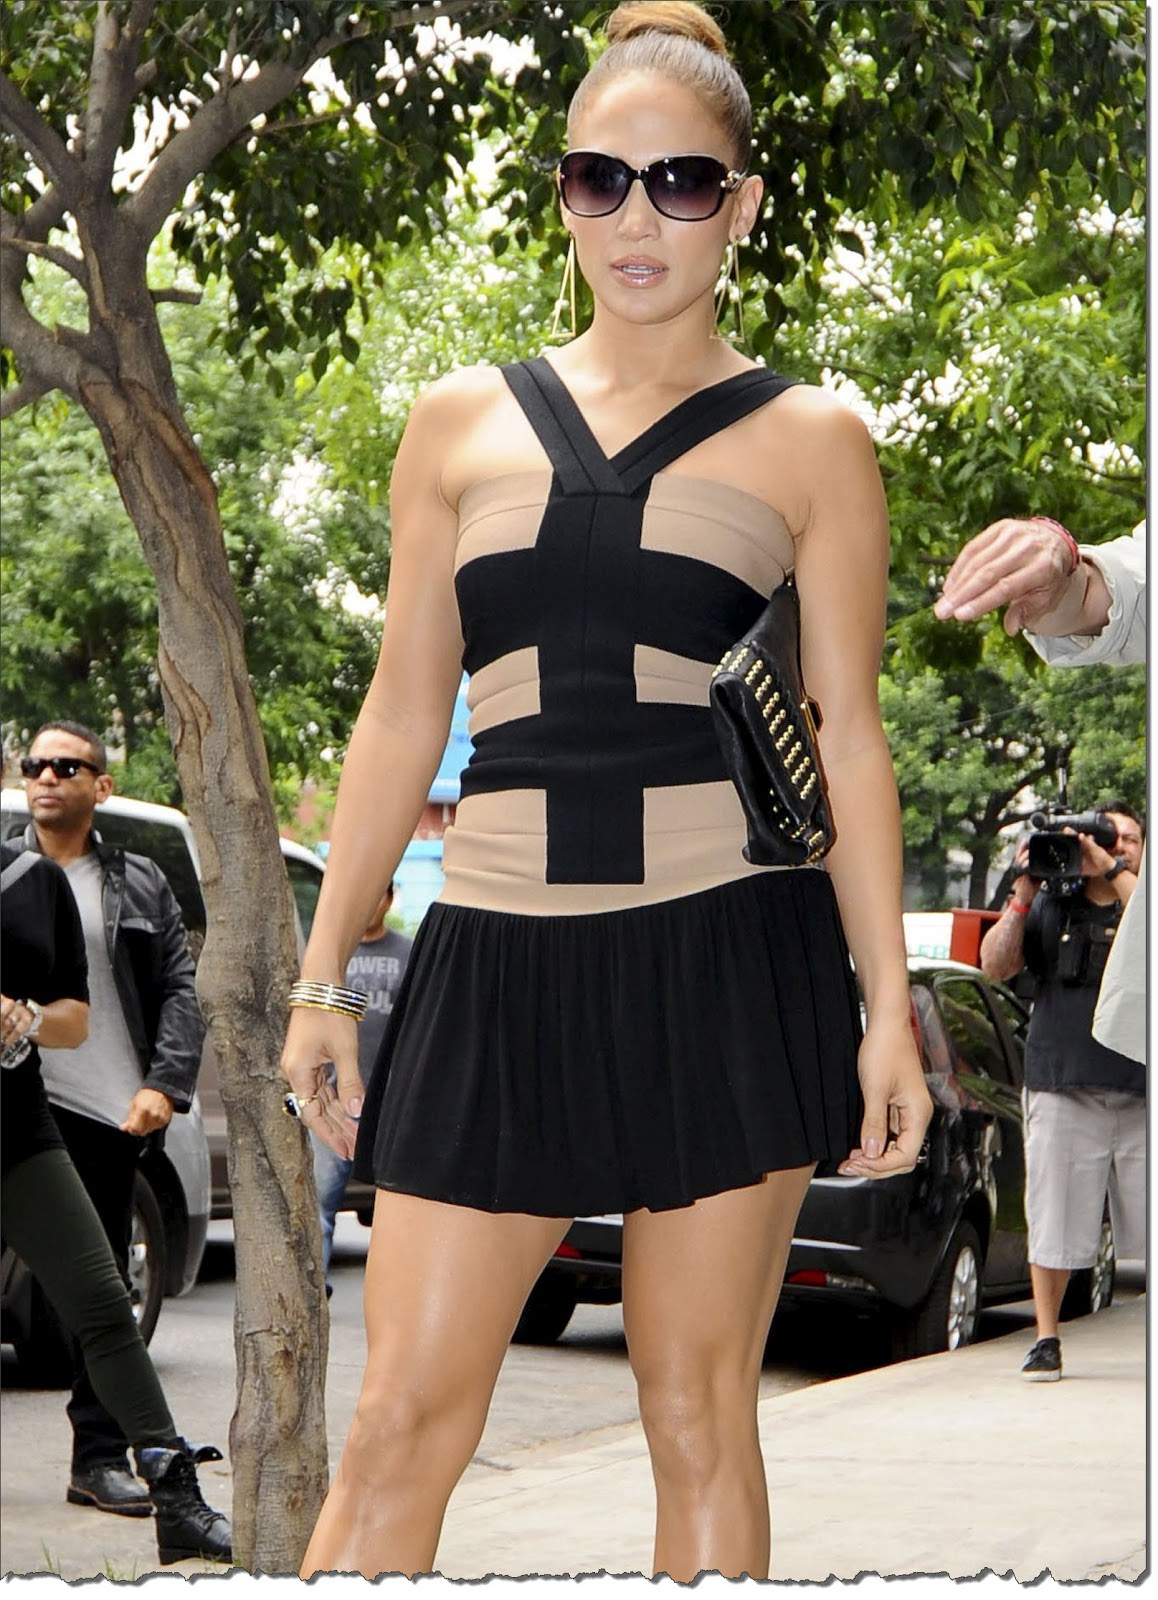 http://2.bp.blogspot.com/-KitEaKGyo54/TrZ3Jb2Y-FI/AAAAAAAAB8M/nhs8_PoYAyY/s1600/Jennifer+Lopez++Sensual+En+Argentina+%25284%2529.jpg